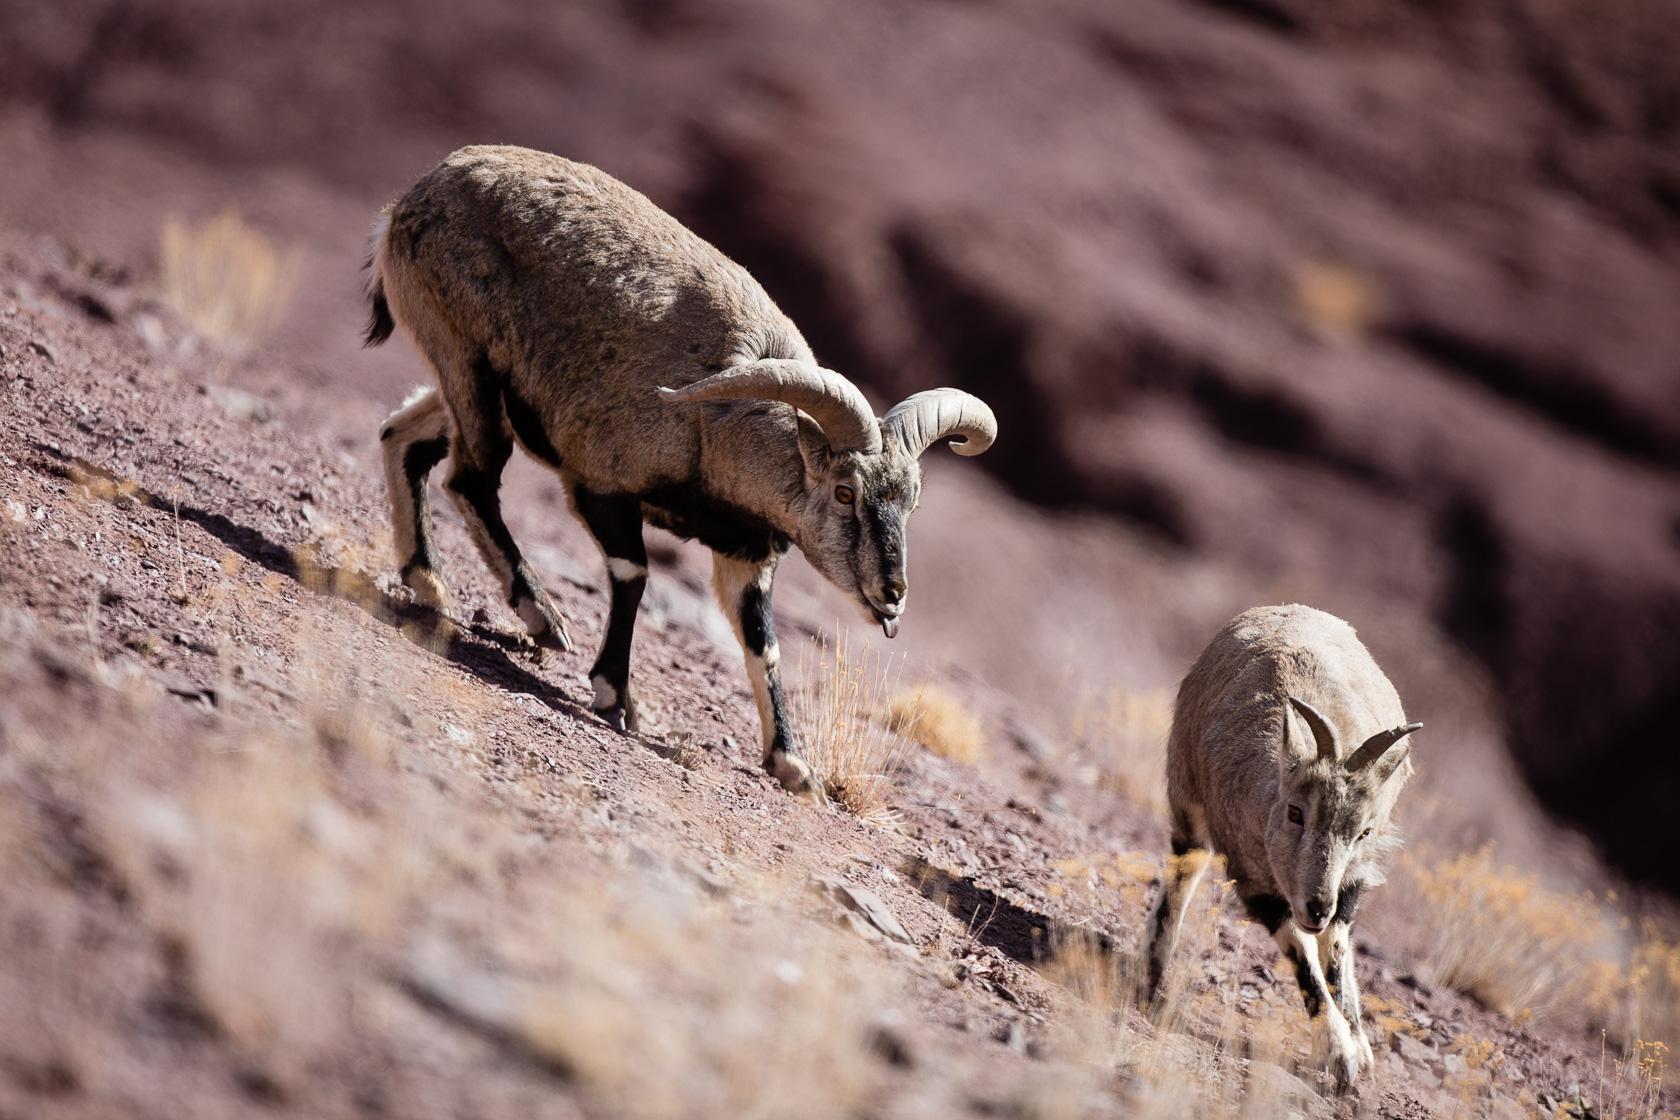 comportement de flehmen chez le bharal male en présence d'une femelle, au Ladakh